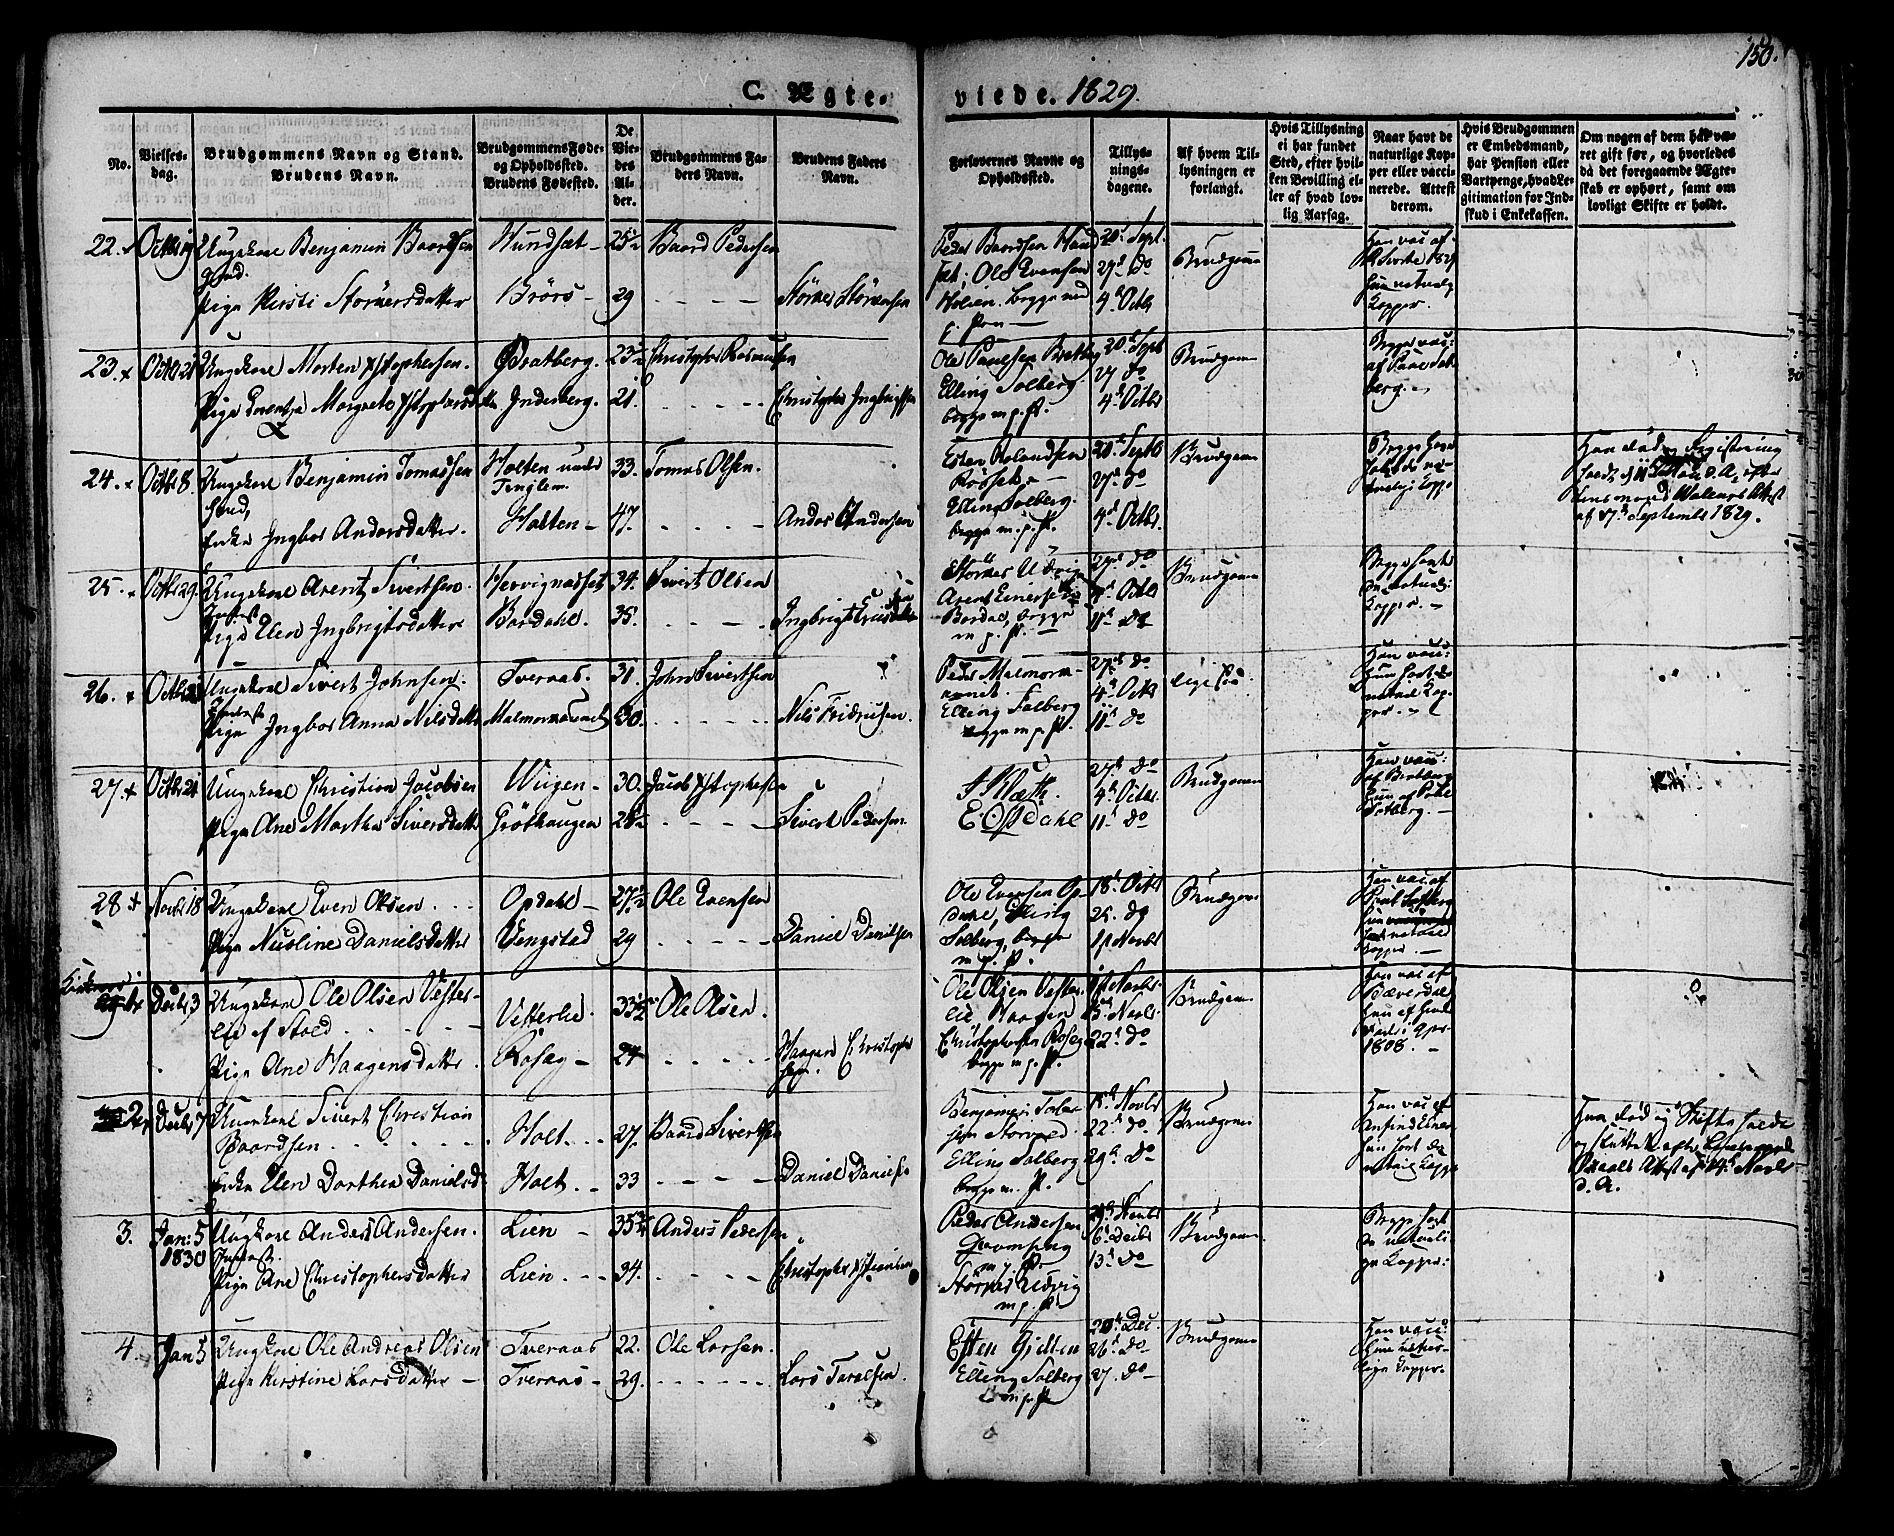 SAT, Ministerialprotokoller, klokkerbøker og fødselsregistre - Nord-Trøndelag, 741/L0390: Ministerialbok nr. 741A04, 1822-1836, s. 150